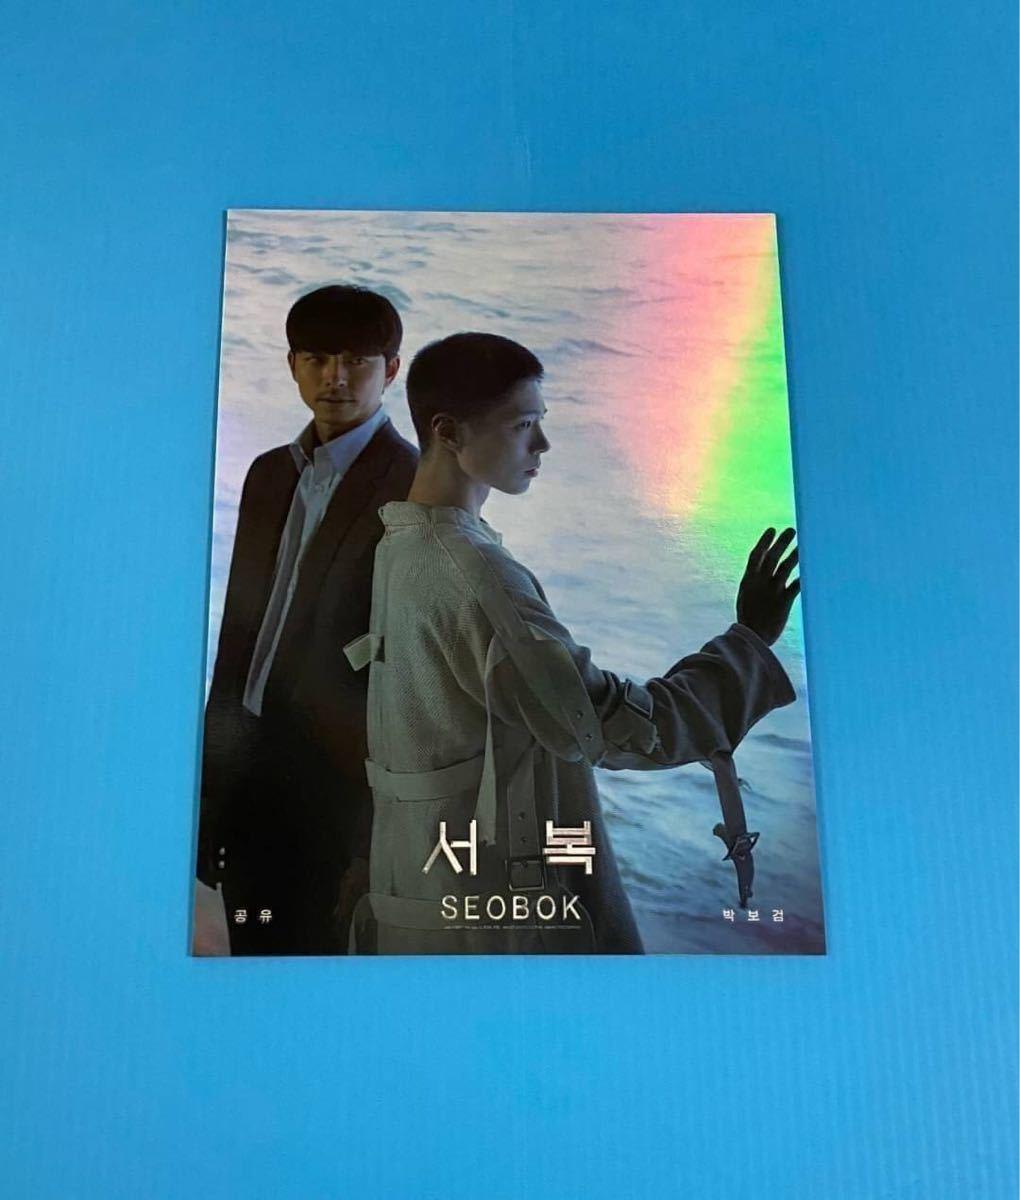 コンユ パクボゴム 映画徐福韓国公式両面カード(非売品)_画像2